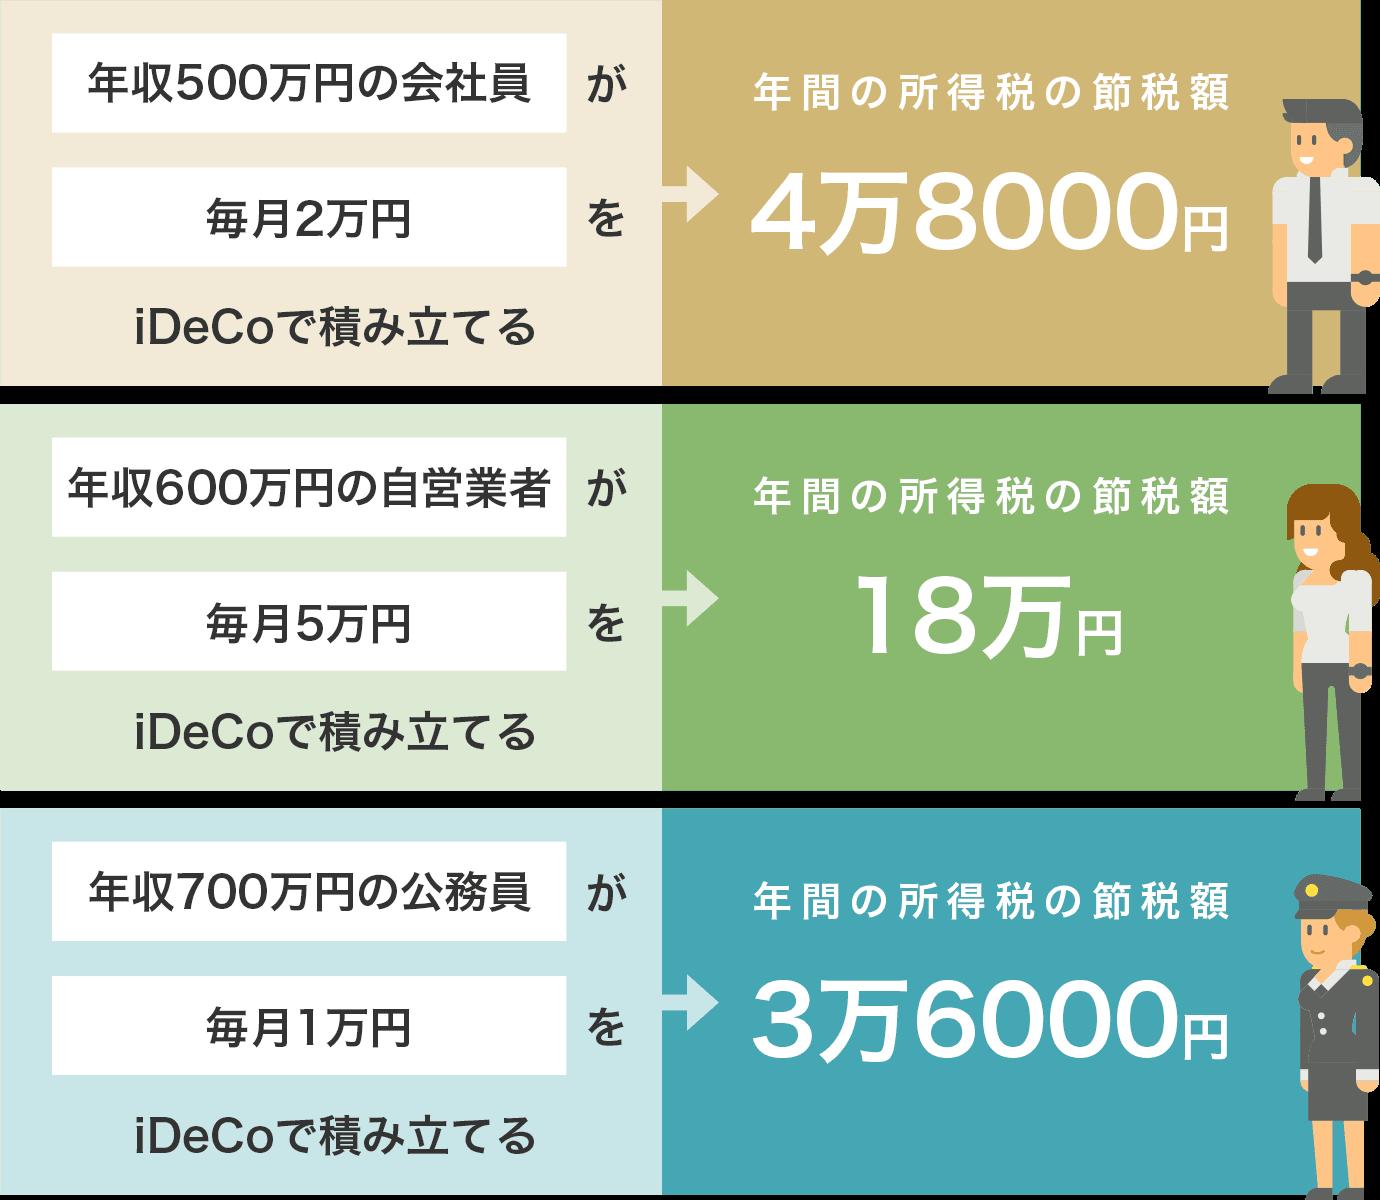 お金を増やす方法④ iDeco(イデコ)でお金を増やす【投資】